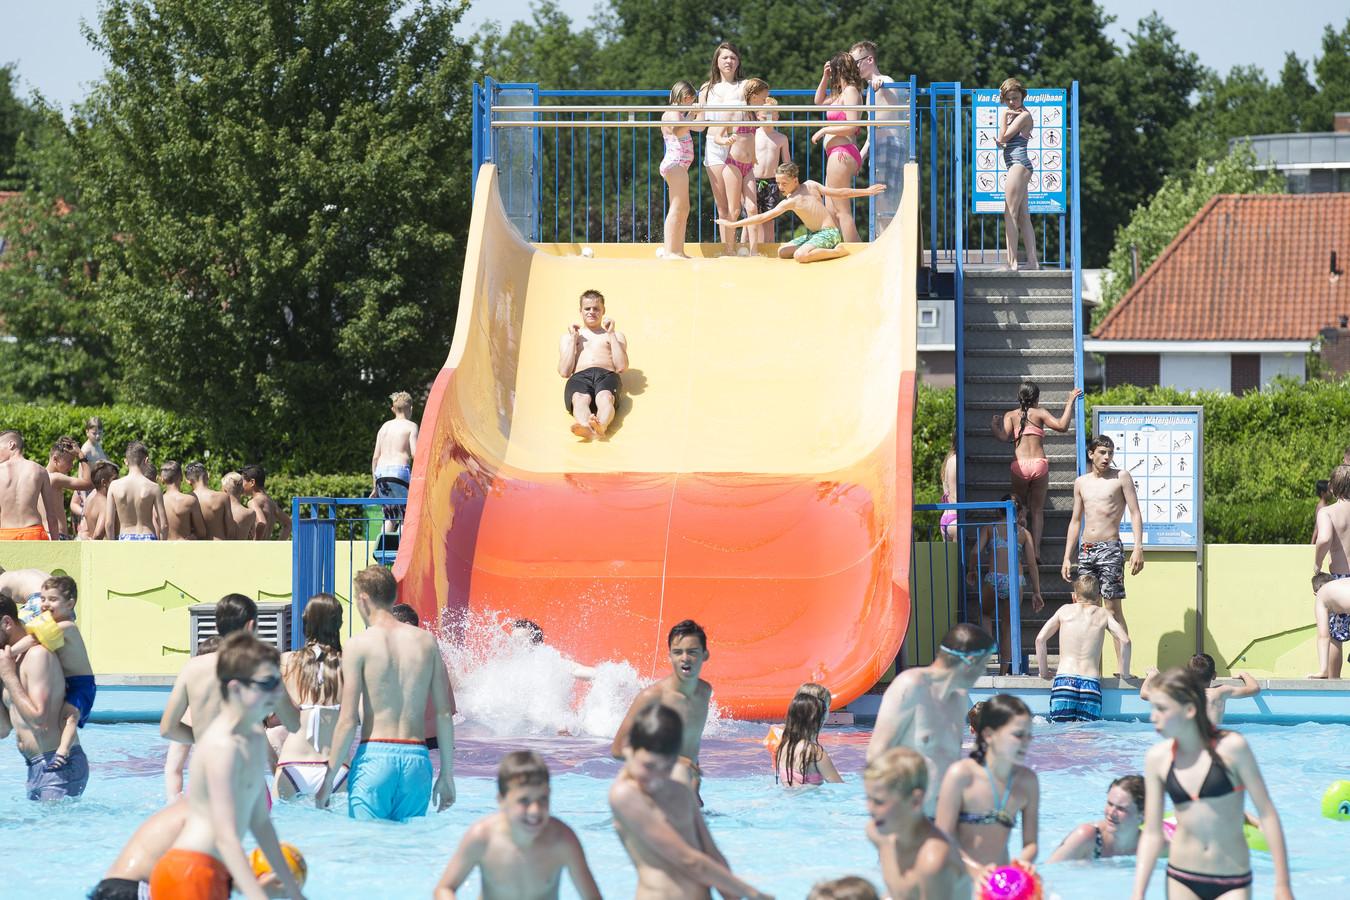 Door personeelstekort is het buitenzwembad zaterdag deels dicht voor bezoekers